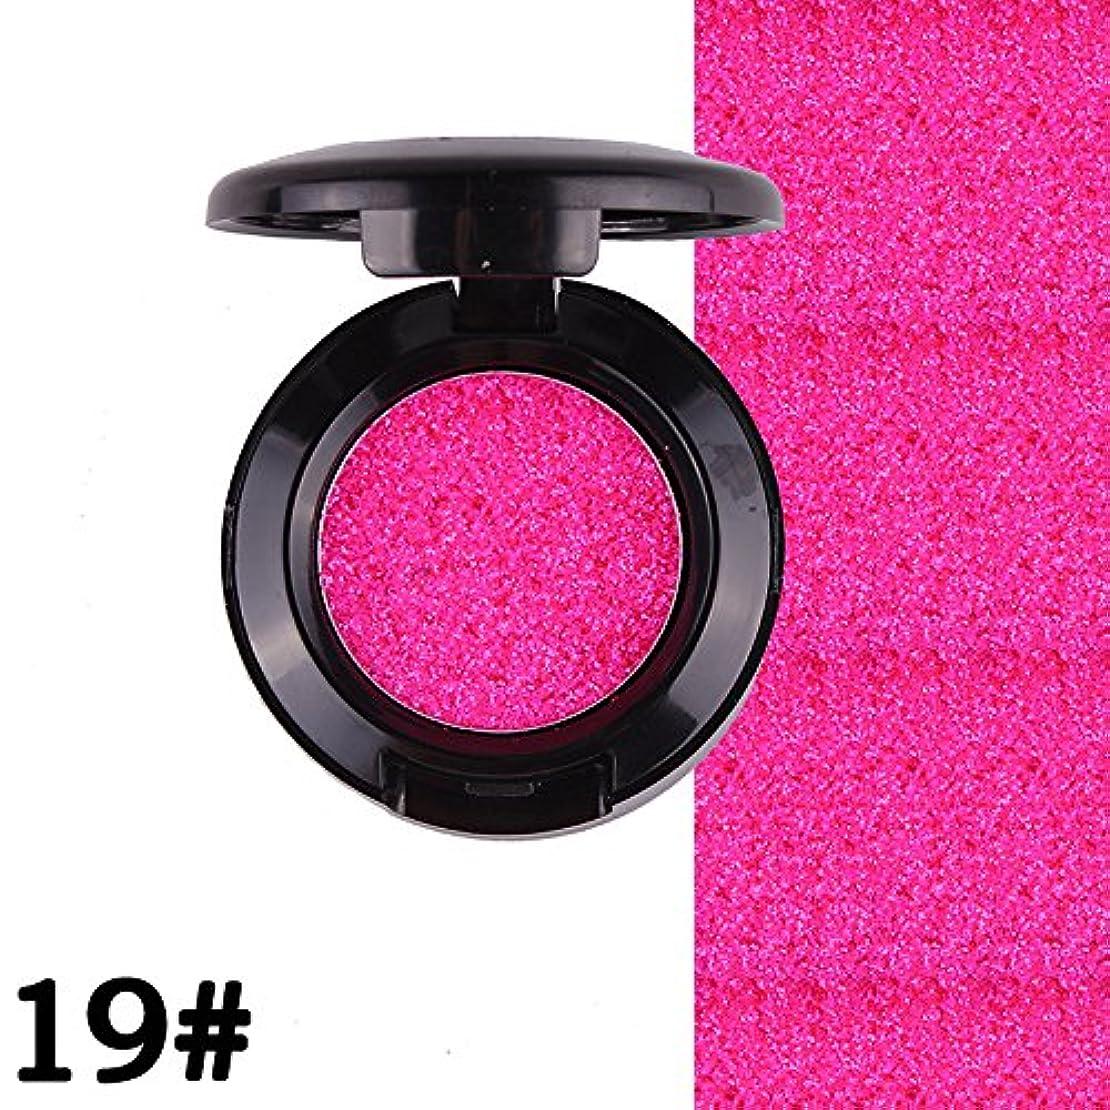 騒々しい警官副詞アイシャドー YOKINO アイシャドウ 単色 金属質感 防水 簡単に色付け にじまない ナチュラル アイメイク (19#)